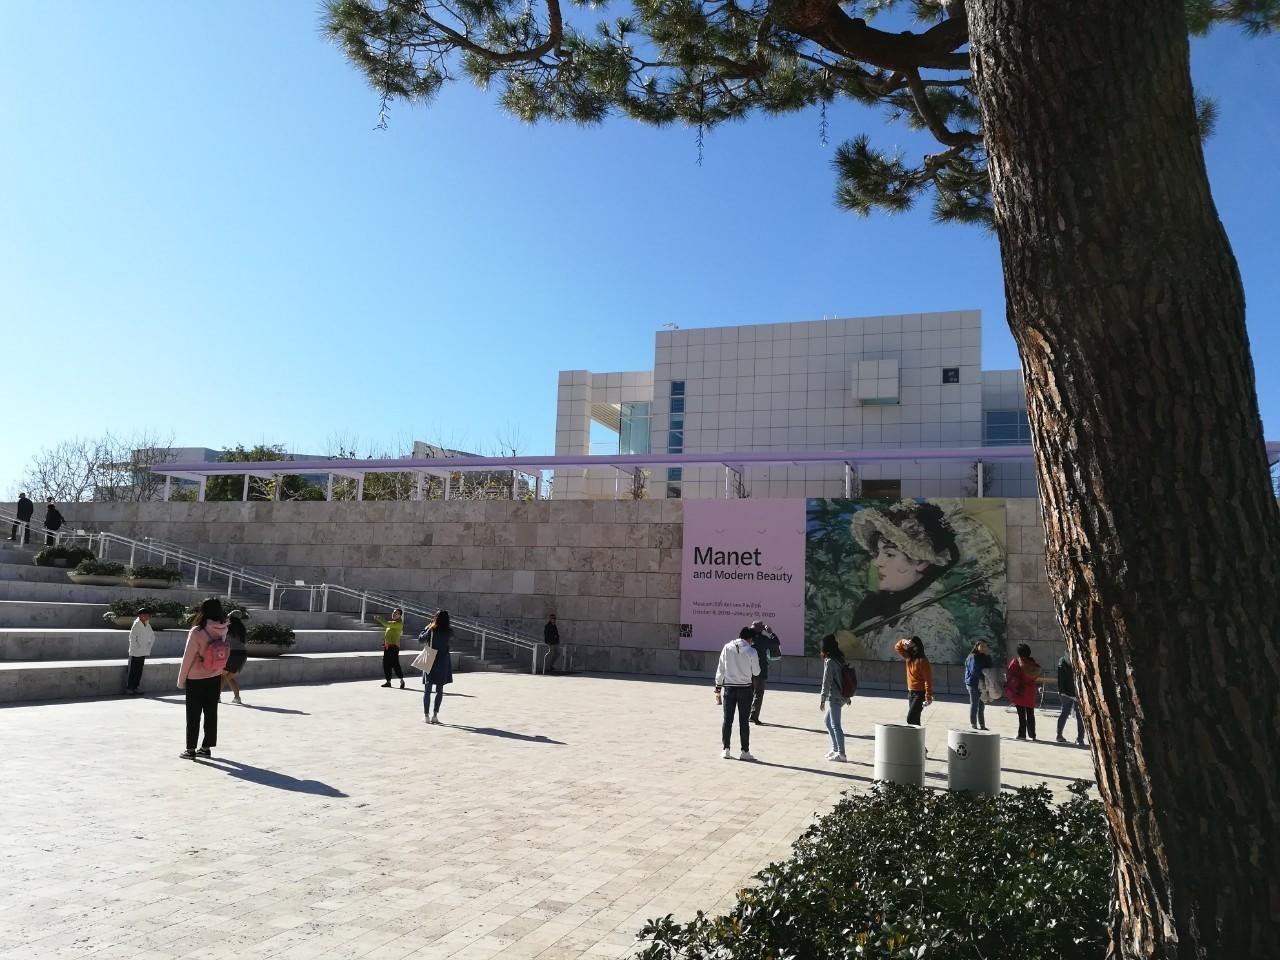 ゲッティ美術館では、のんびり過ごせて、高台からの景色も最高でした。12月末で、アメリカのほうも、休暇なのか、家族で過ごす現地の人々の地元感を味わえた感じで、のんびり、ほっこりできました。 ただ、休暇であることで、ゲッティ美術館も、駐車場の出入口が渋滞で、お迎えの時間が、予定より遅くなってしまったようです。 でも、ガイドの方のほうが、渋滞にハマり大変だっただろうなと思いました。私達はイライラしないほど、ゲッティ美術館では、地元の人々の、のんびり過ごす姿を目にしたからだと思います。 昼食は地下のカフェで食べましたが、美味しかったです。注文方法がよくわからなくて、簡単に頼めるものばかりにしてしまいました。 レストランは、小学生の子供二人がいると、完食しないかなと思い、カフェにしました。 個人的には、ロサンゼルスで、私は一番ほっこりできたのは、ゲッティでした。